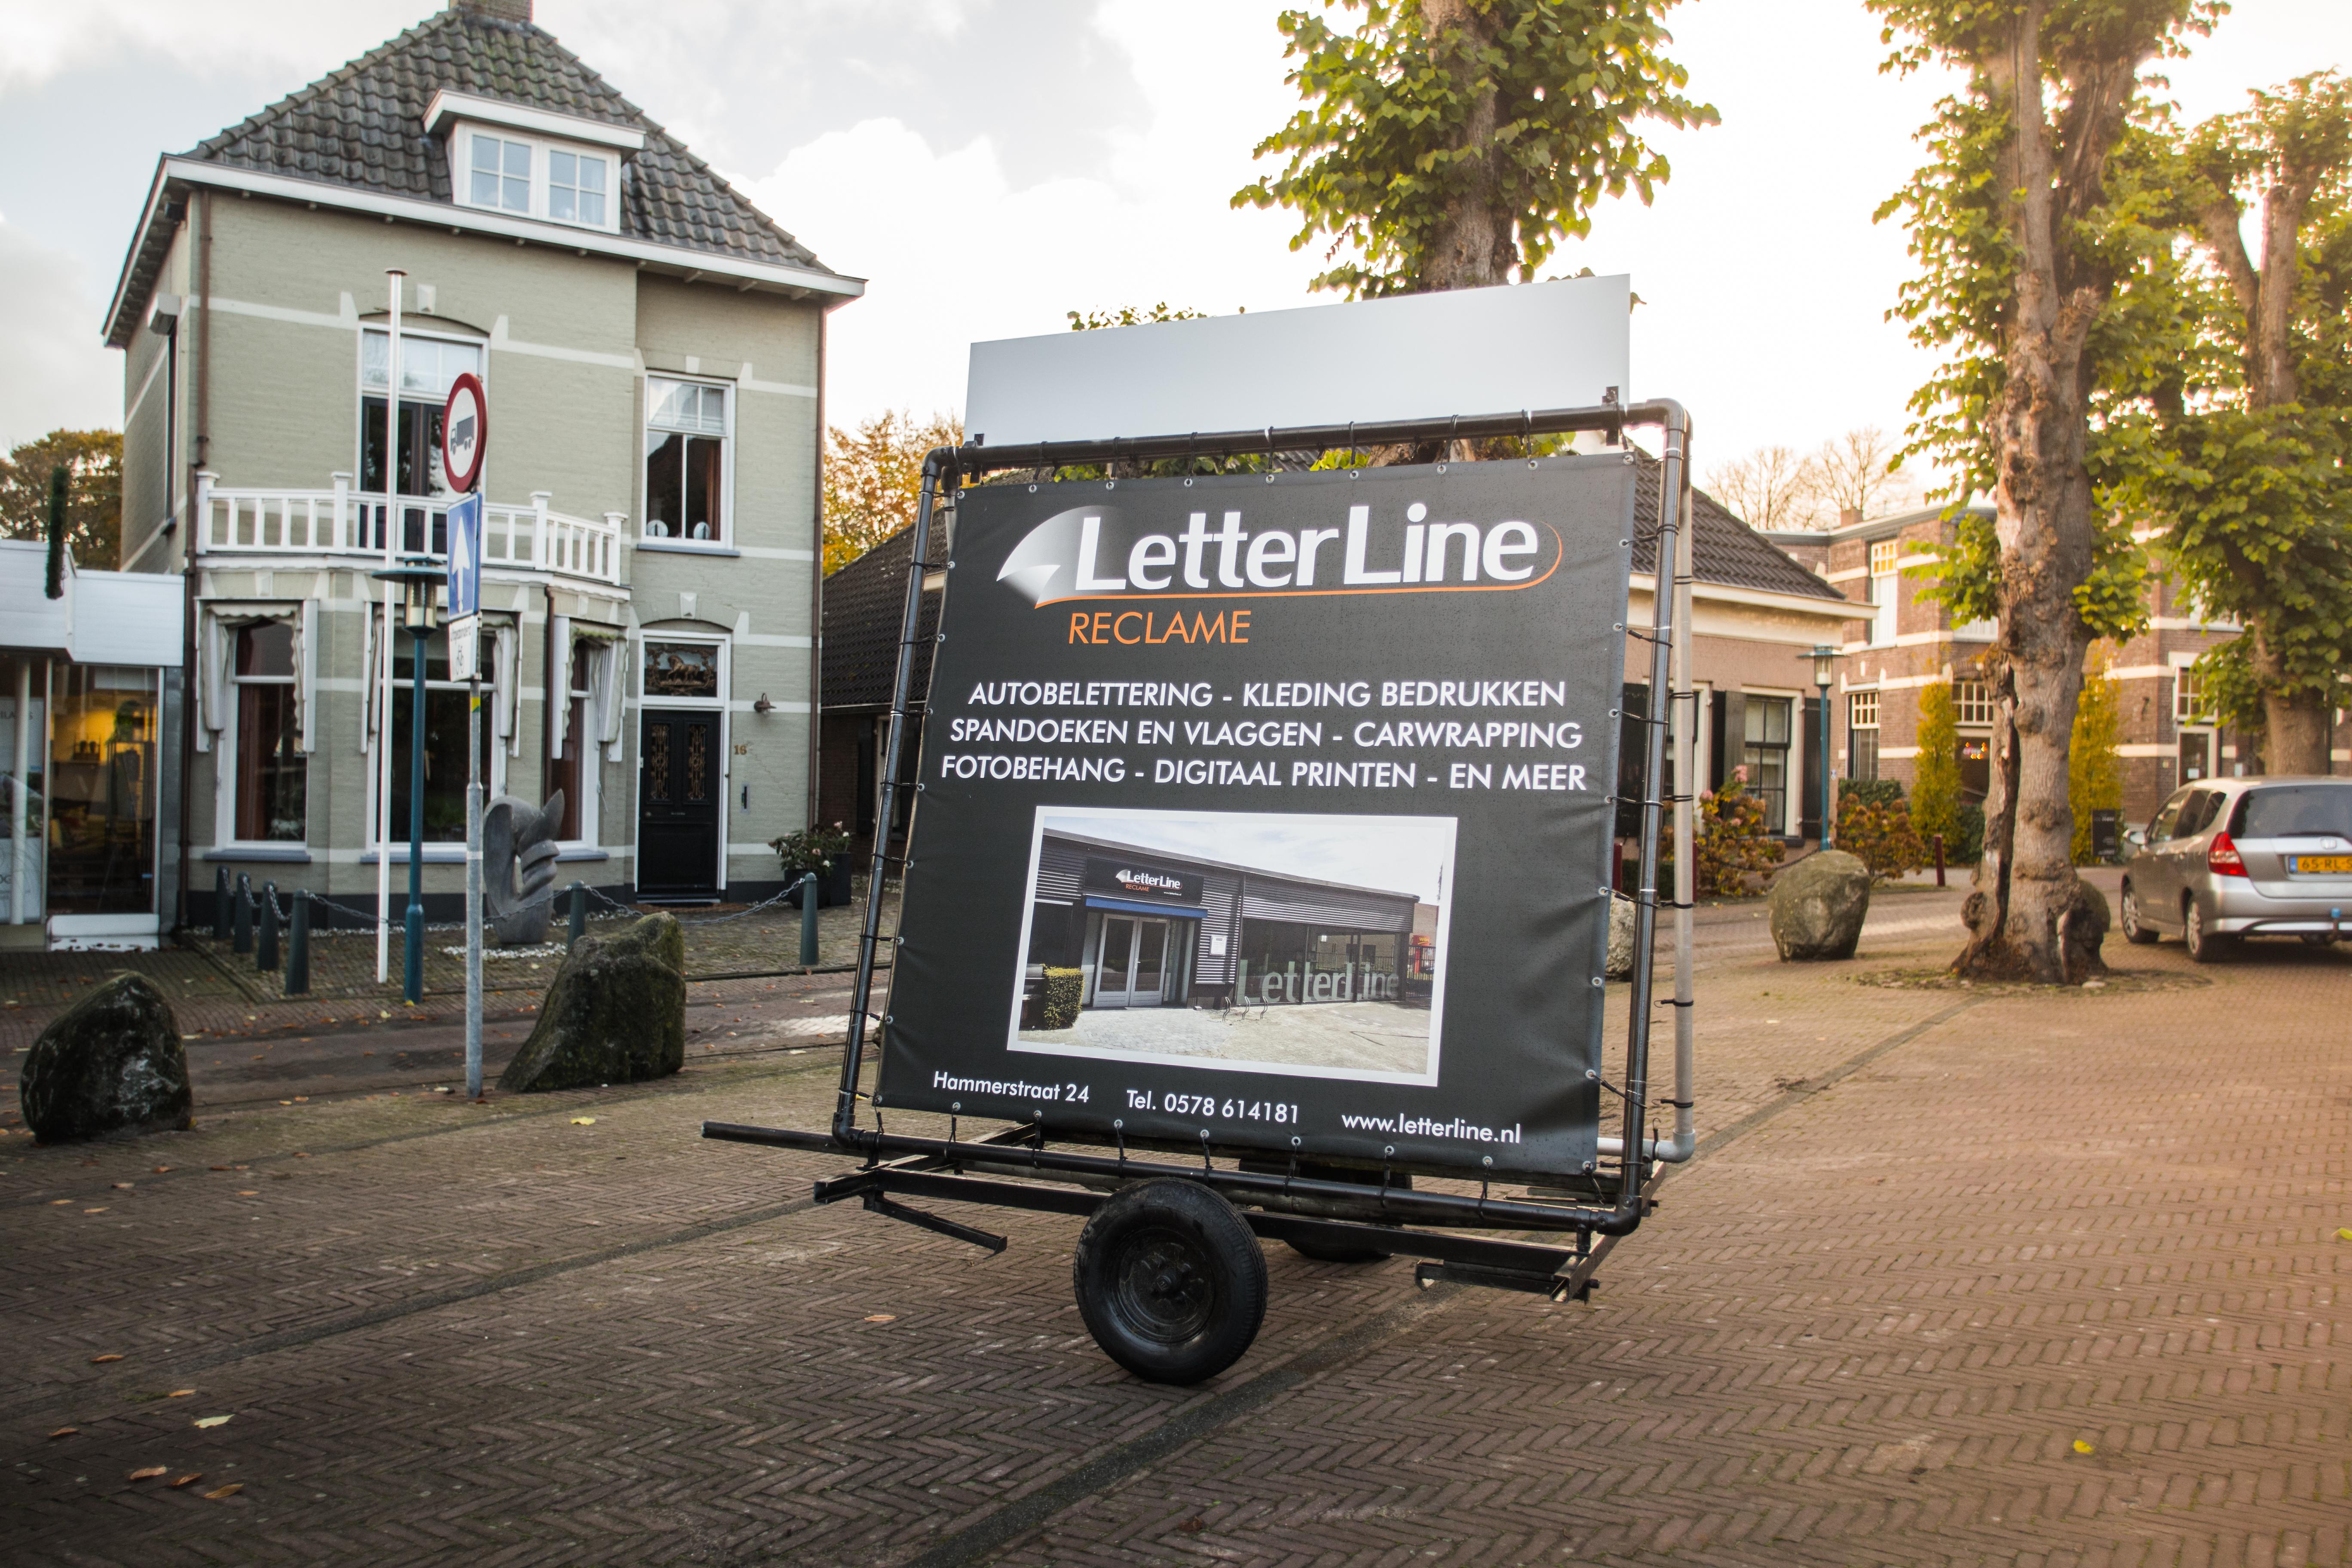 Letterline - epe - reclame - letterline reclame - aanhangwagen -reclameaanhangwagen